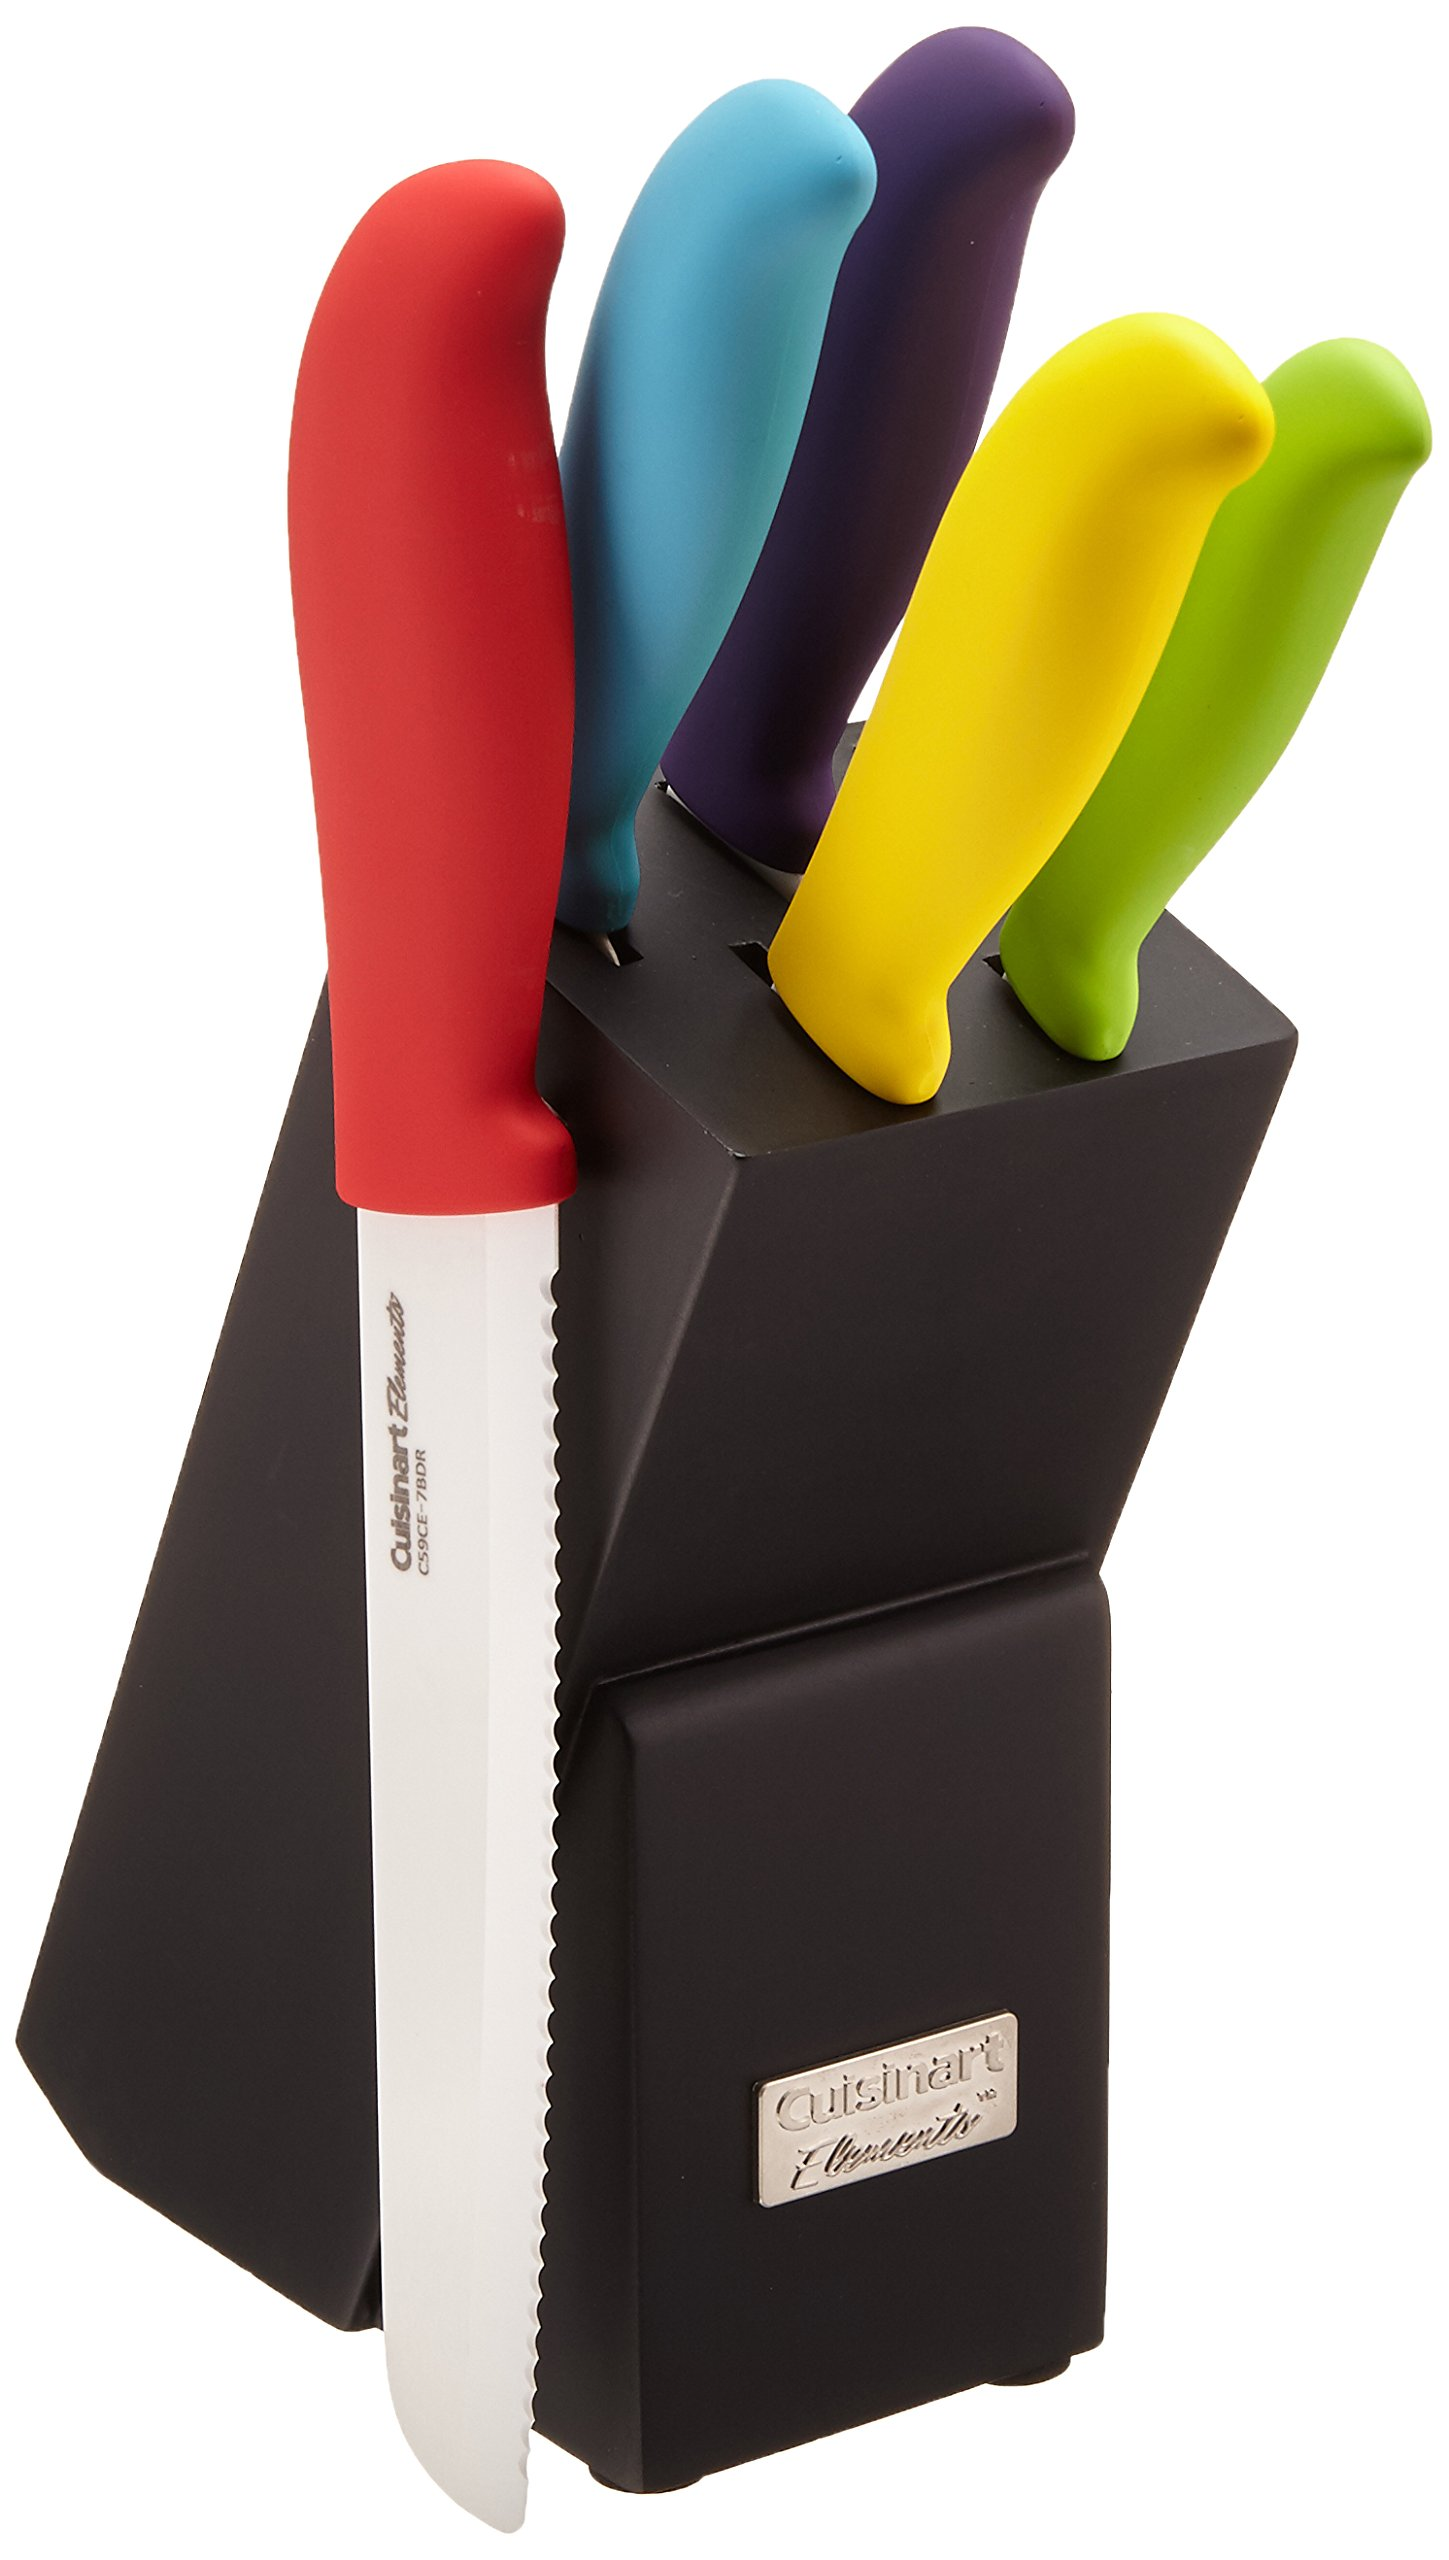 Cuisinart C59CE-C6P Elements Ceramic 6-Piece Cutlery Knife Block Set, Multicolored